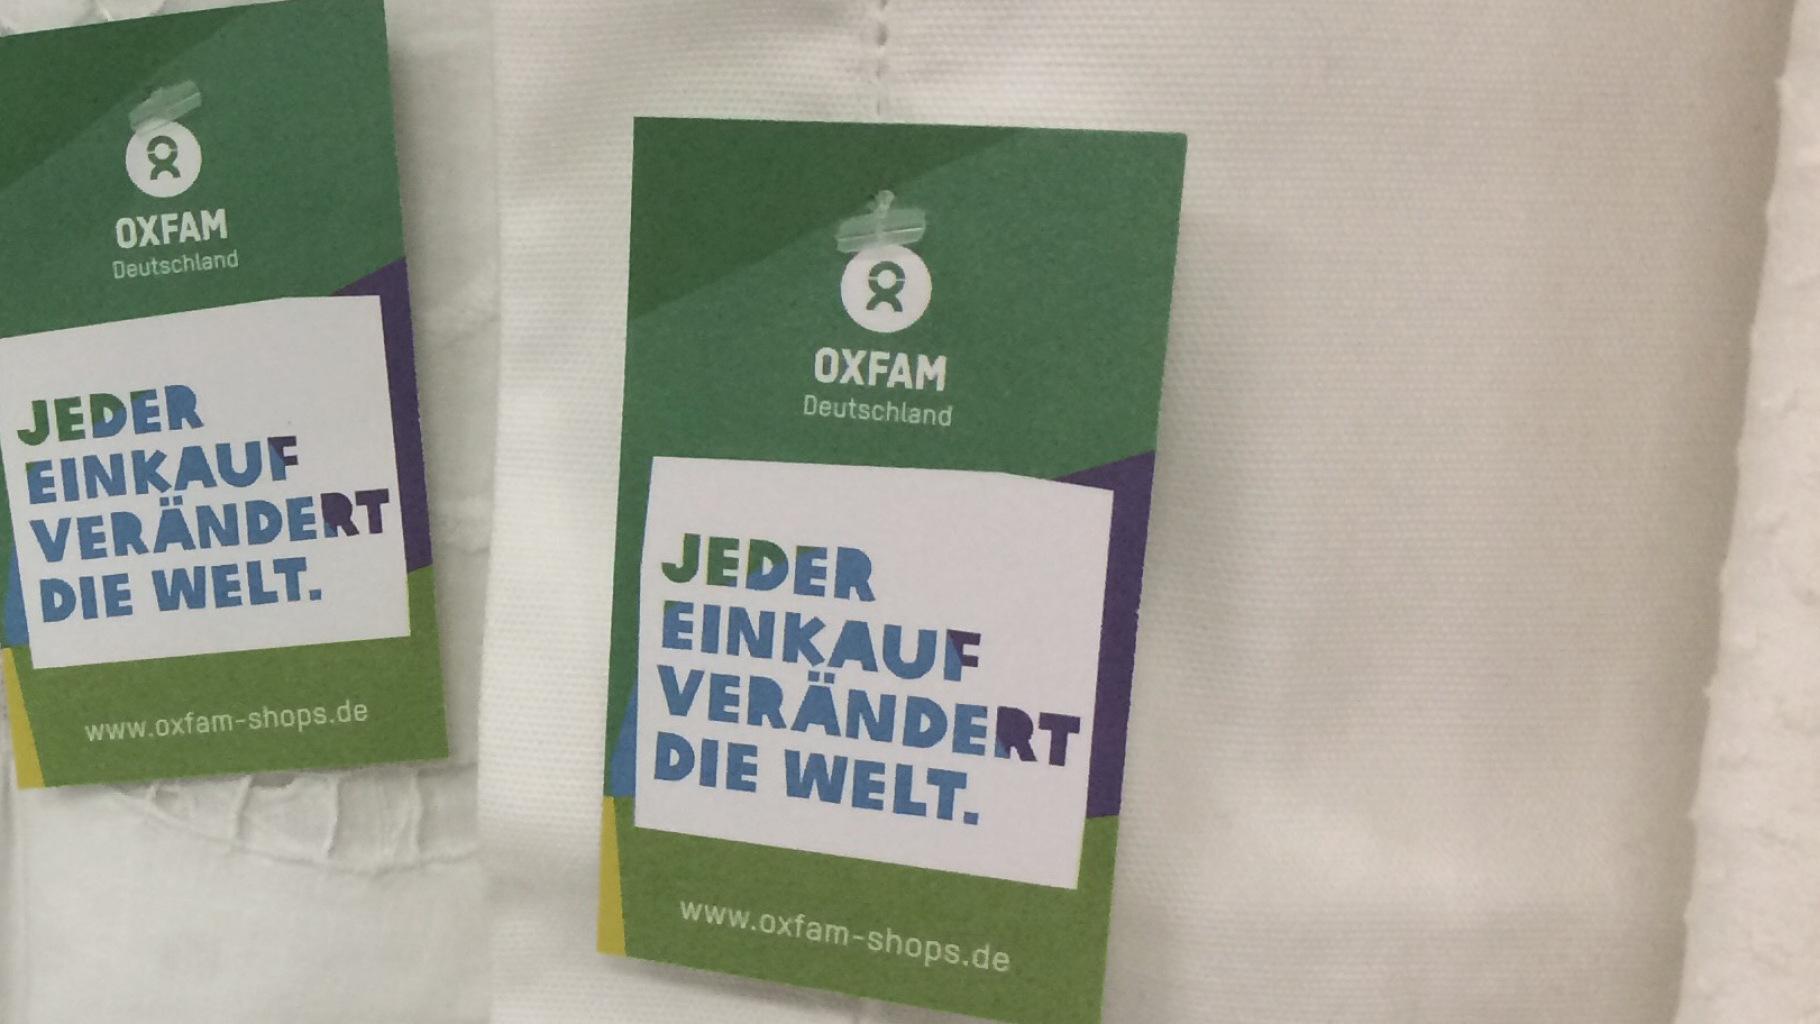 Heimtextilien gibt es im Oxfam Shop